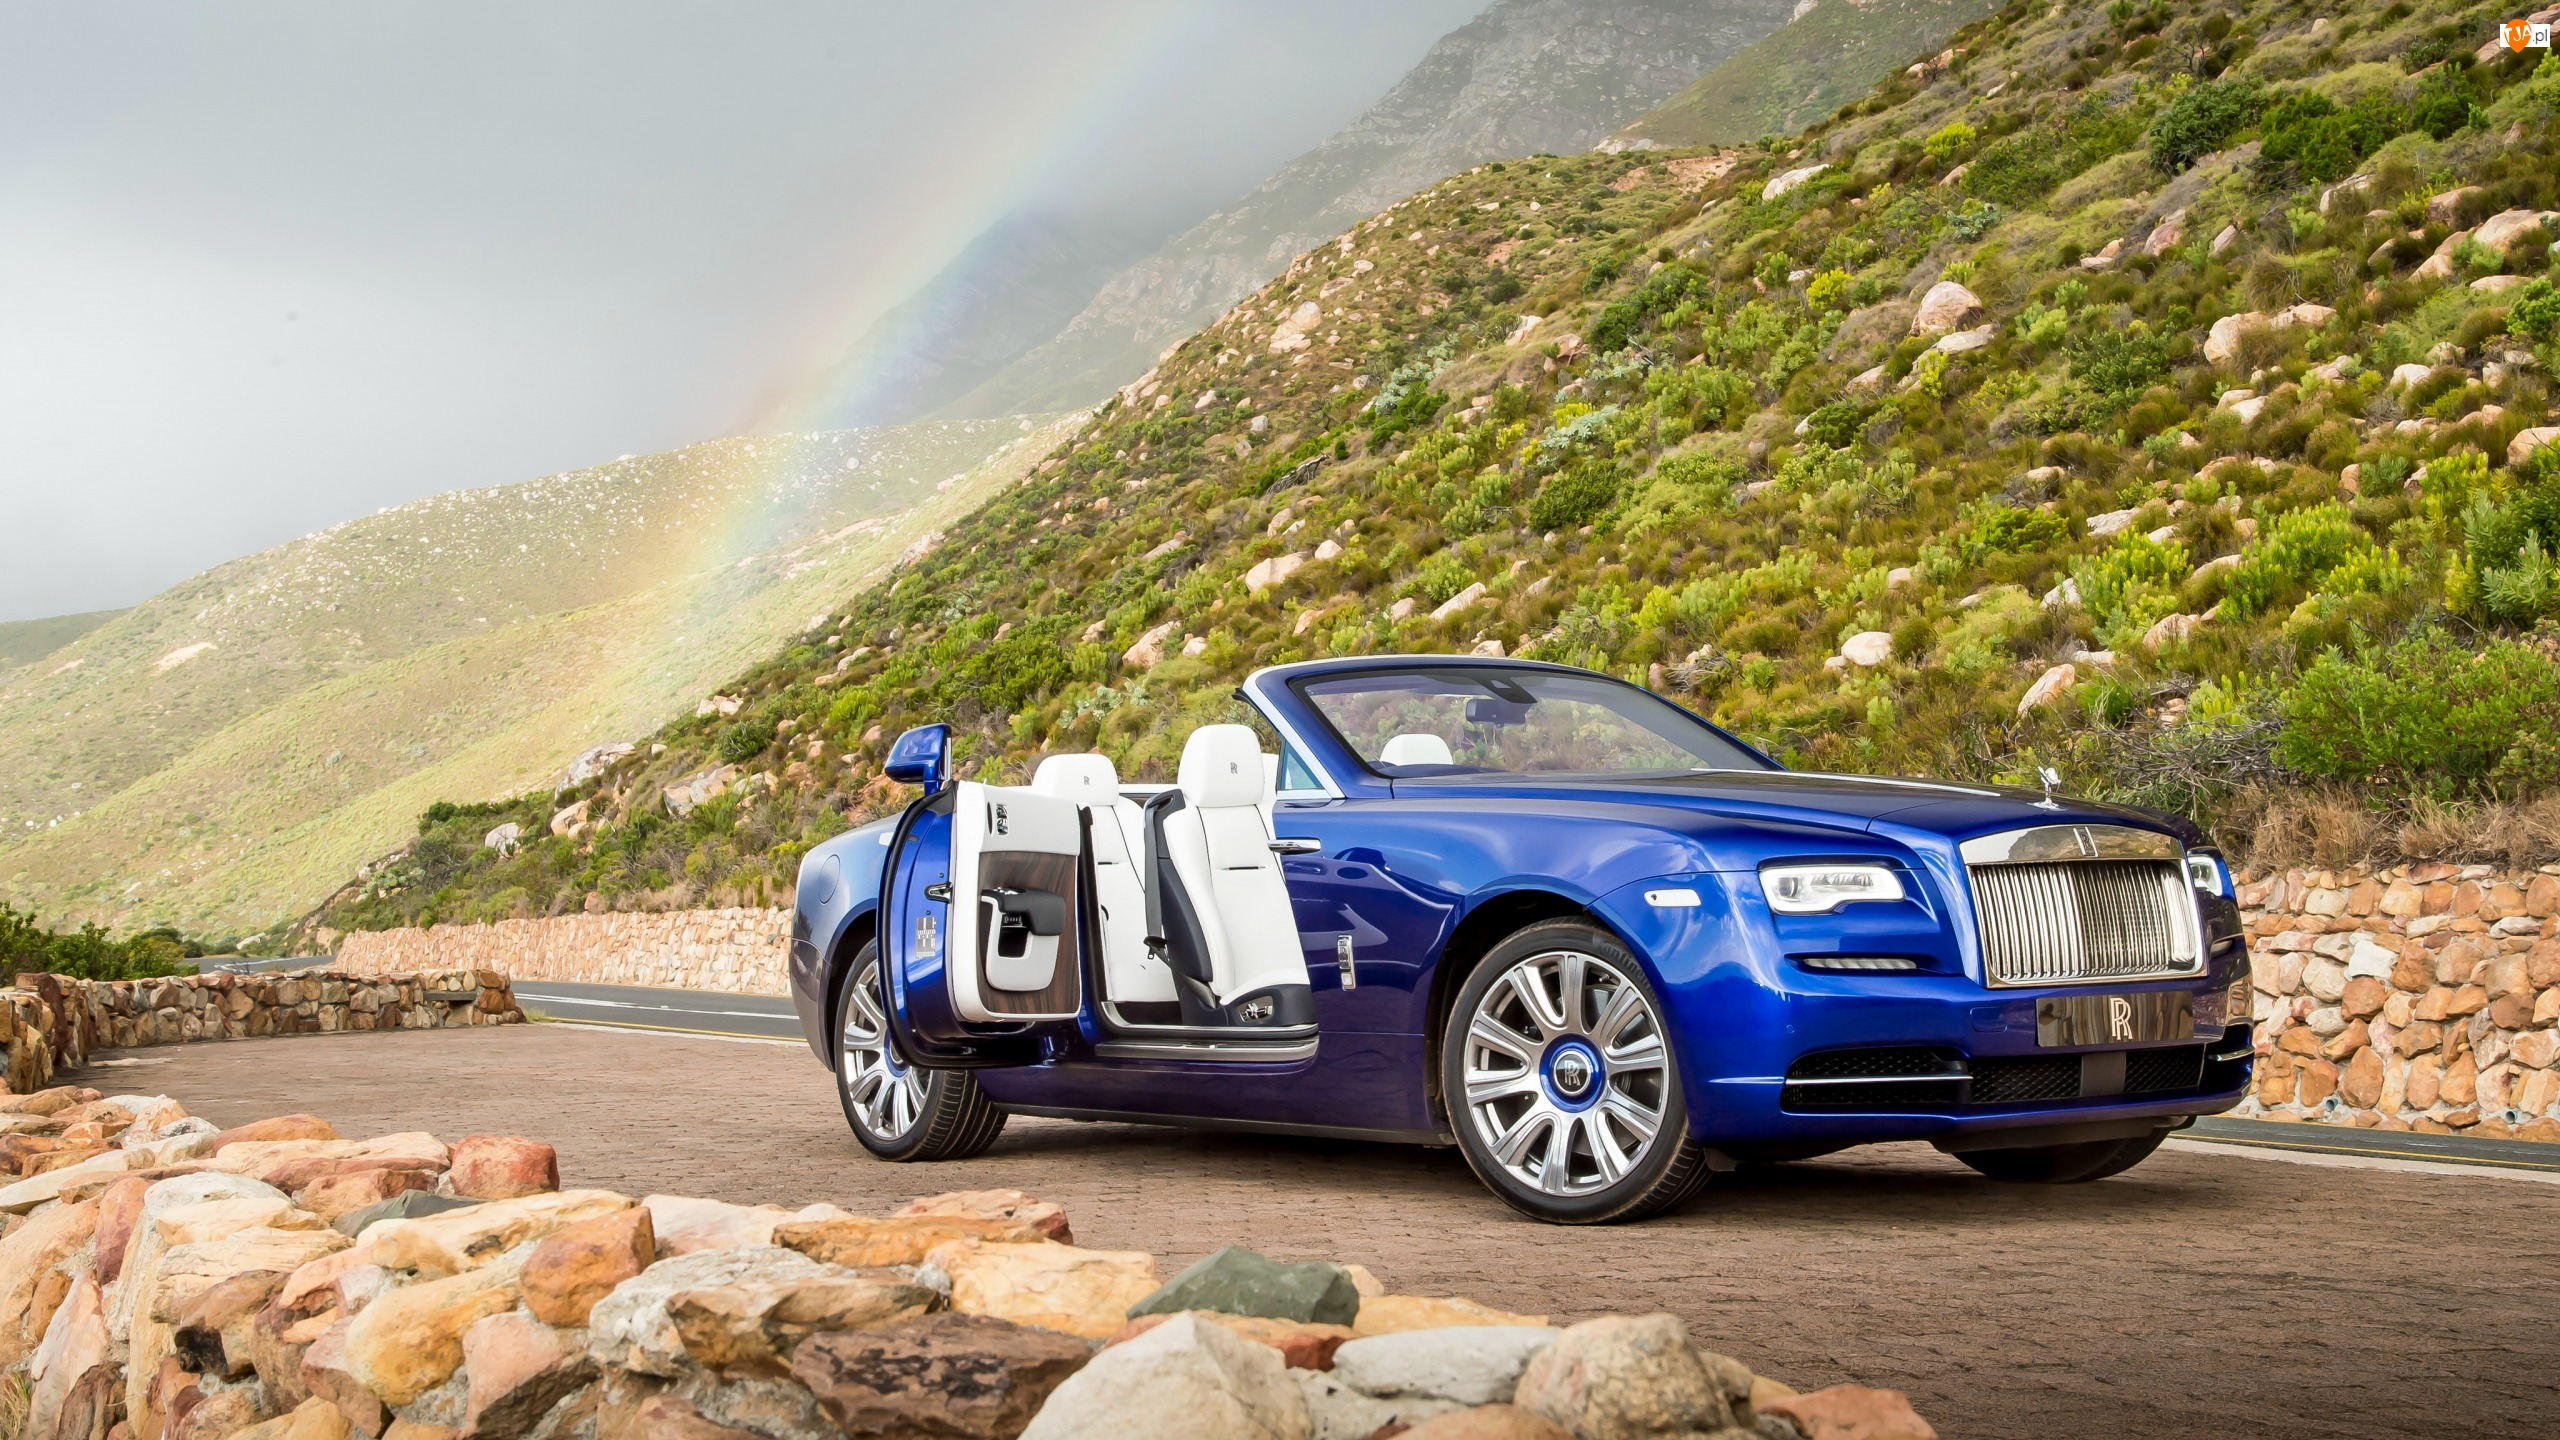 Kabriolet, Tęcza, Rolls Royce Dawn, Wzgórza, Niebieski, Droga, 2016, Kamienie